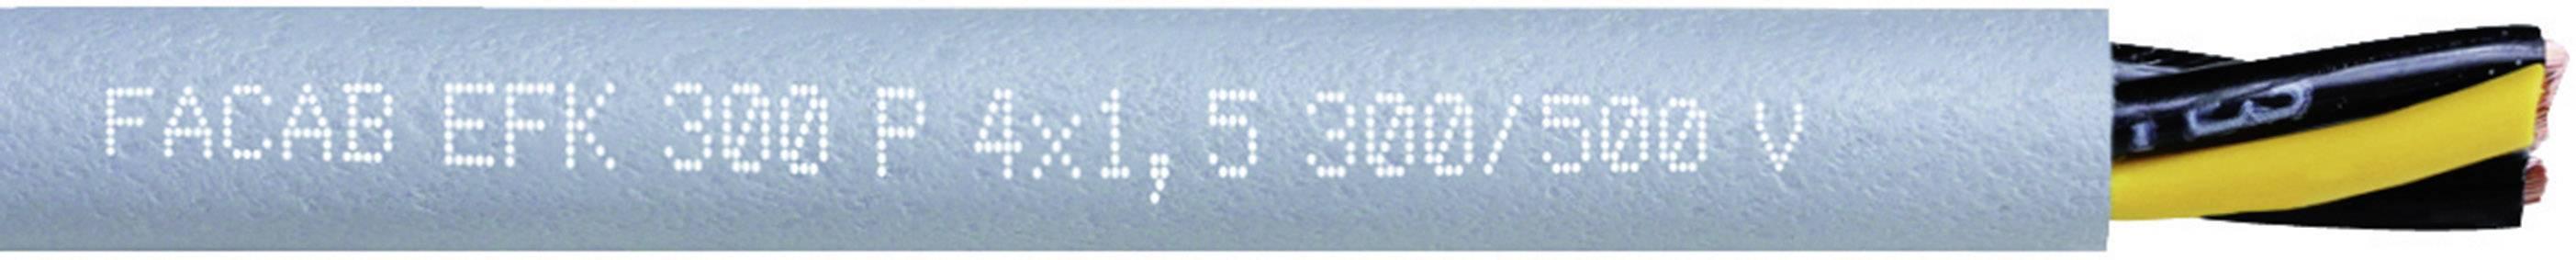 Tažný kabel Faber Kabel EFK 300 P AD300 - SCHLEPPLTG. TPE/PUR (031026), 7x 1 mm², polyurethan, Ø 8,9 mm, nestí